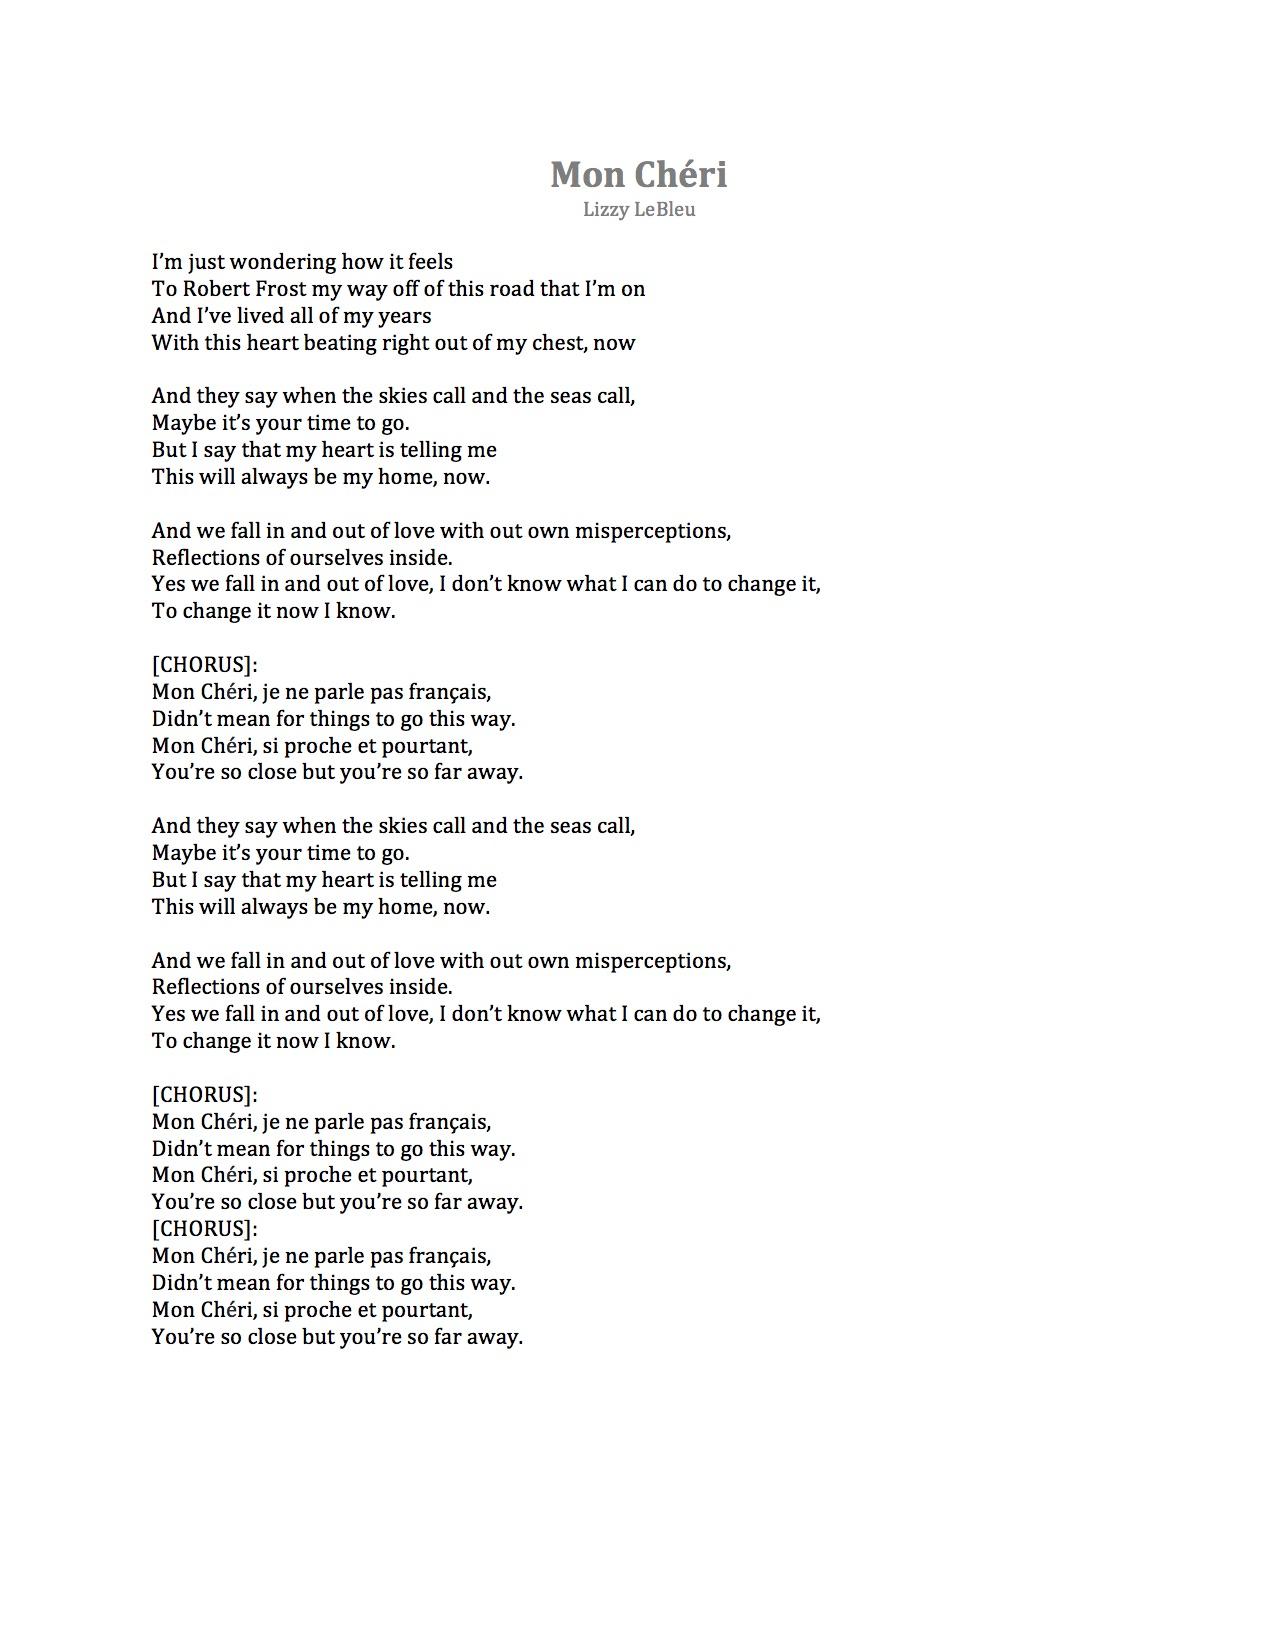 Mon Chéri Lyrics.jpg